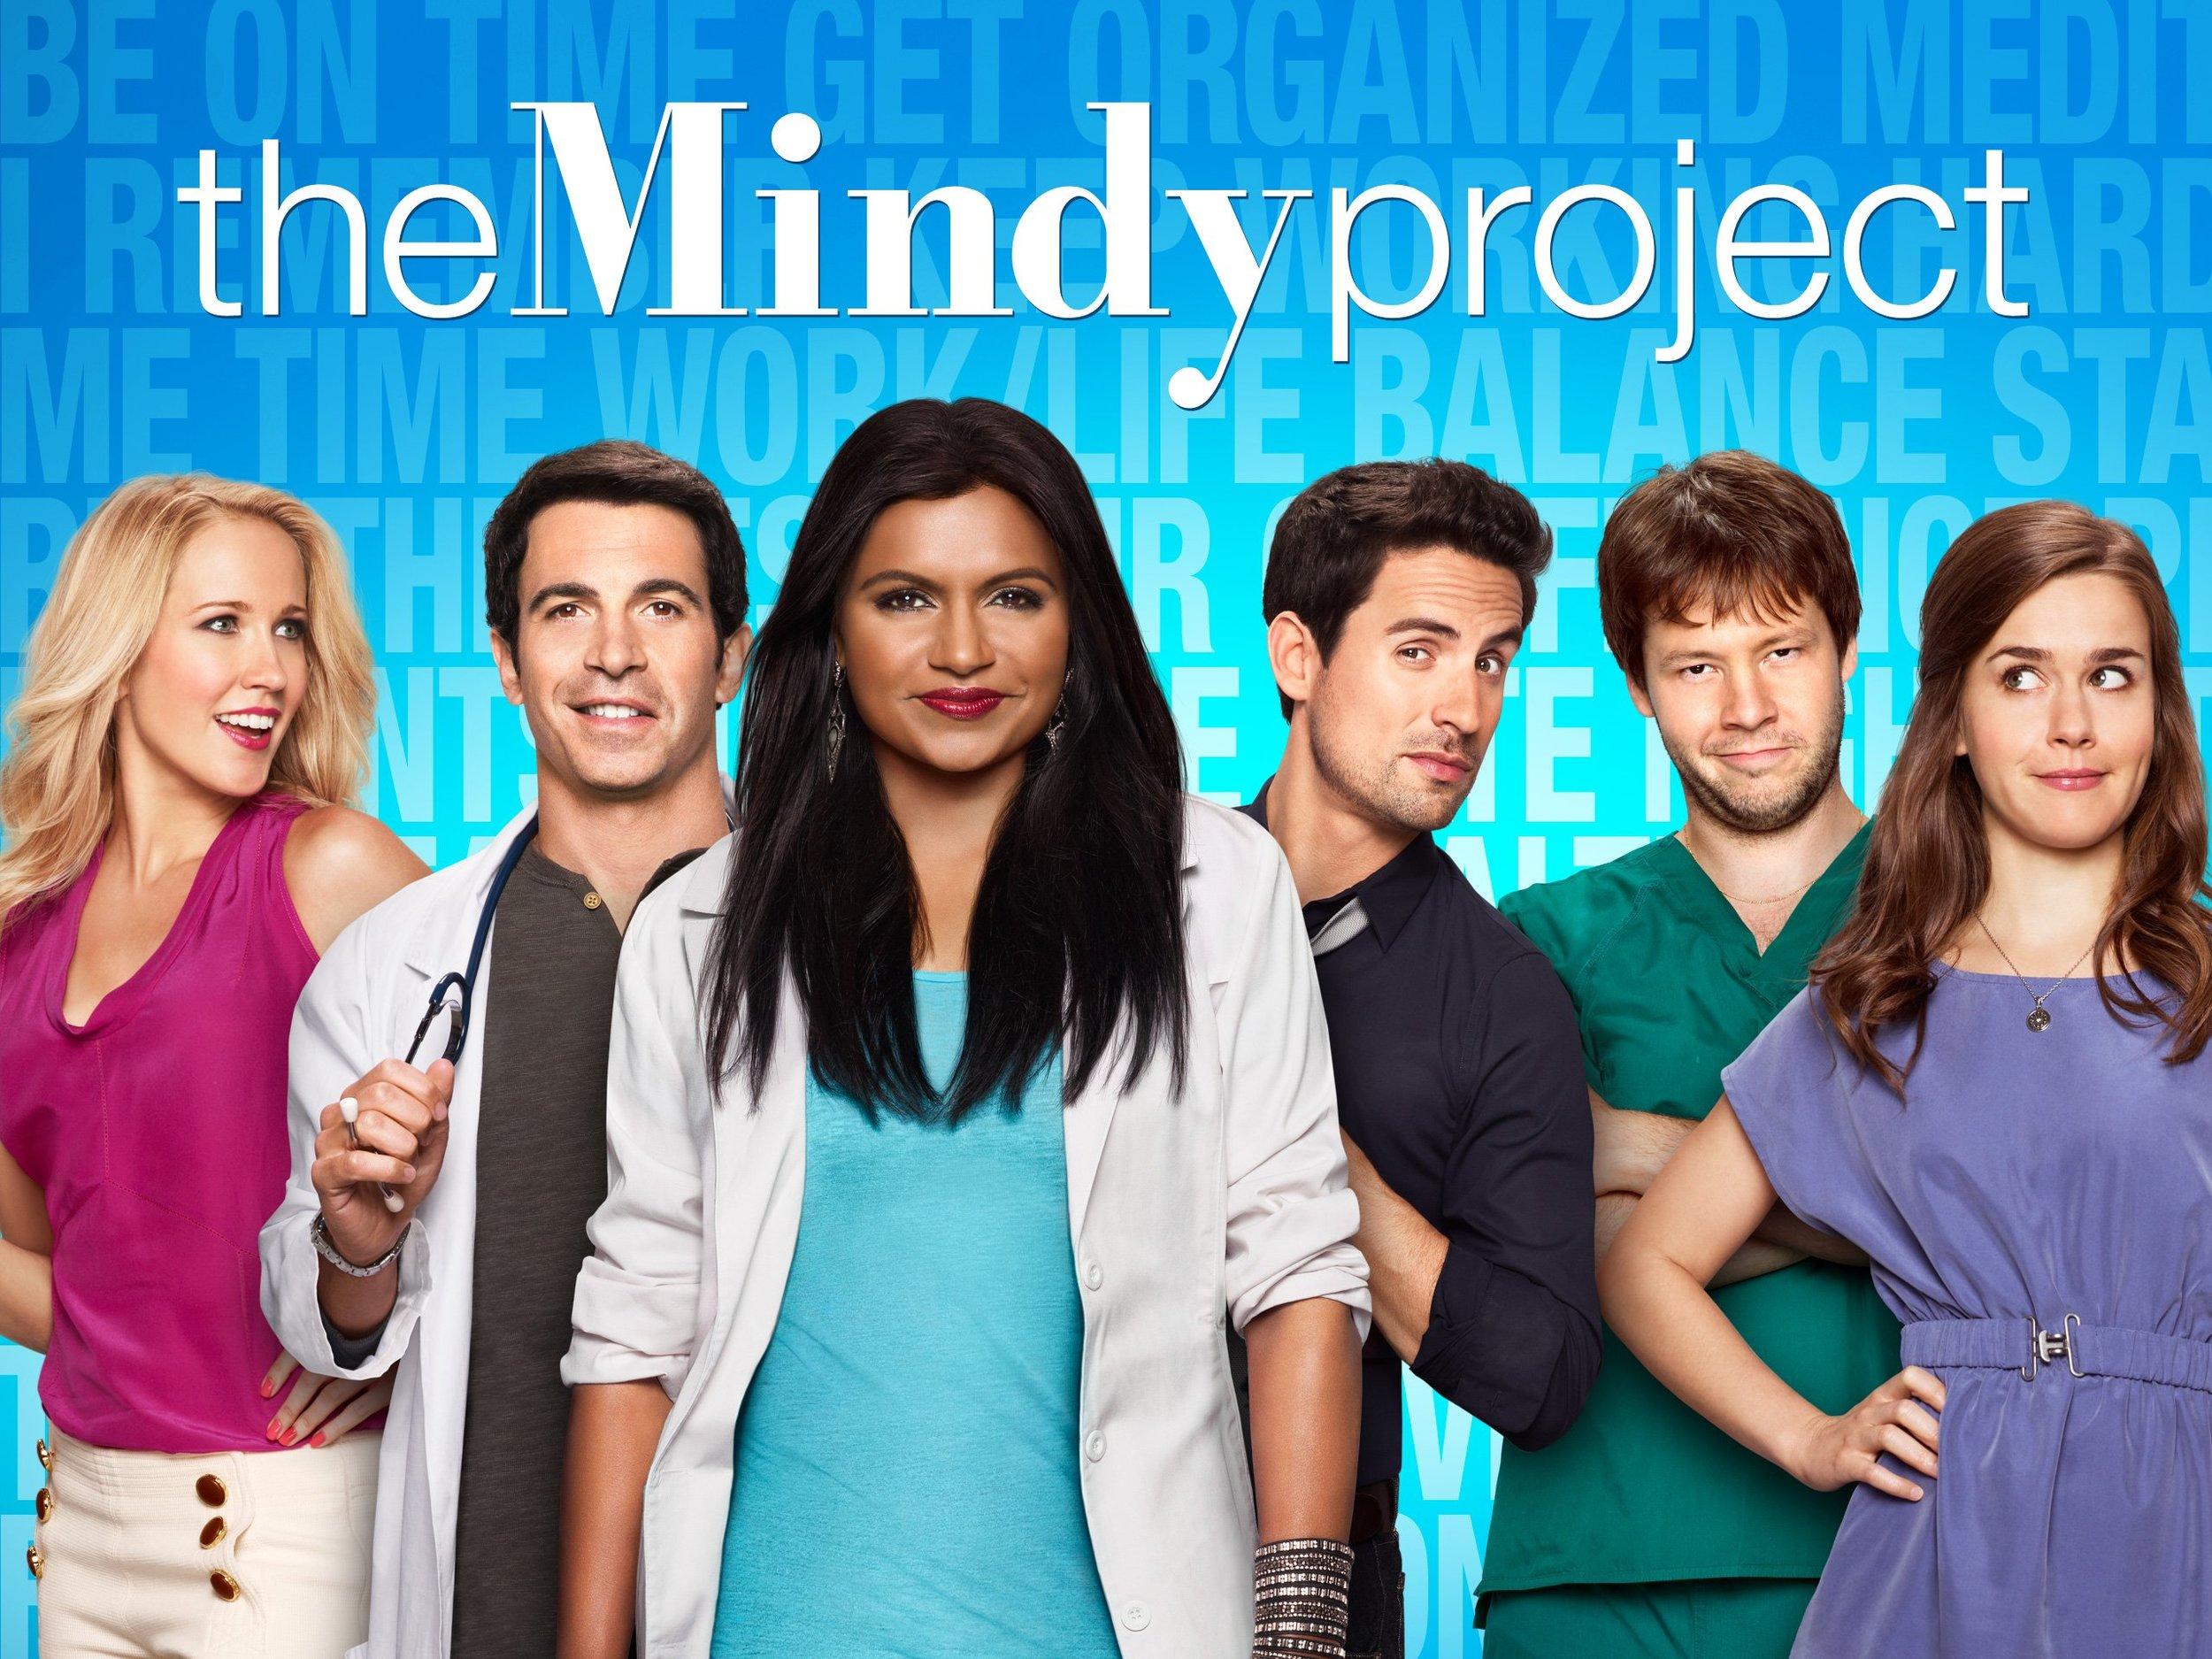 - I den här serien ser vi livsnjutande doktor, Mindy Lahiri,dela med sig av sitt fabulösa liv och positiva inställning även när andra tycker att hon är lite irriterande.